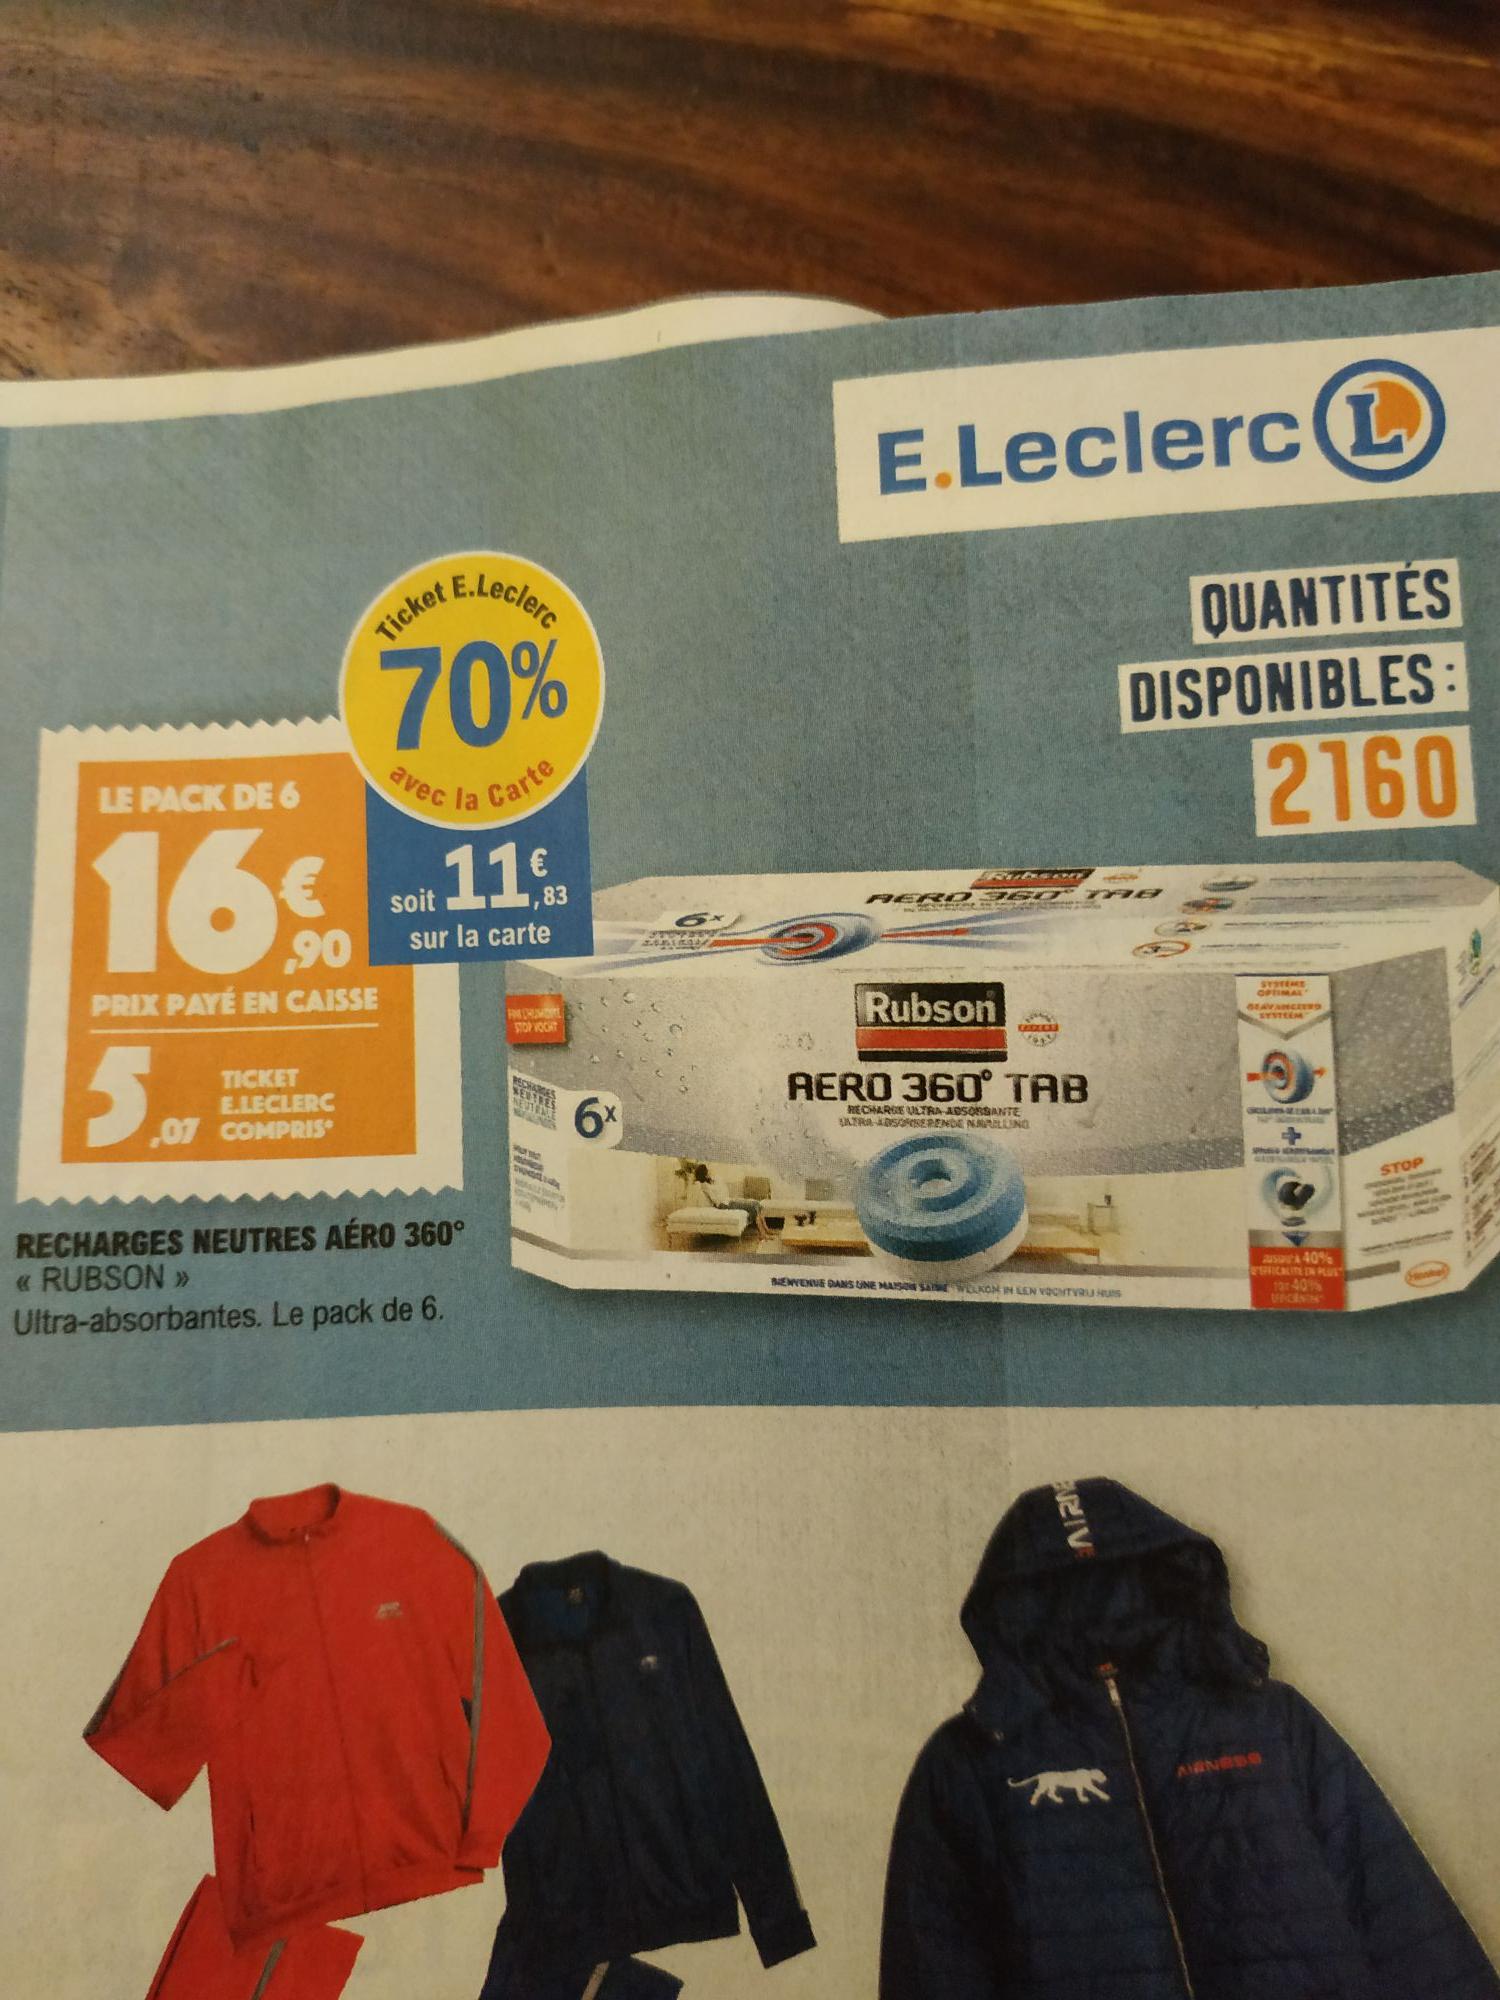 Lot de 6 recharges neutre Aero 360° (via 11.83€ sur la carte)